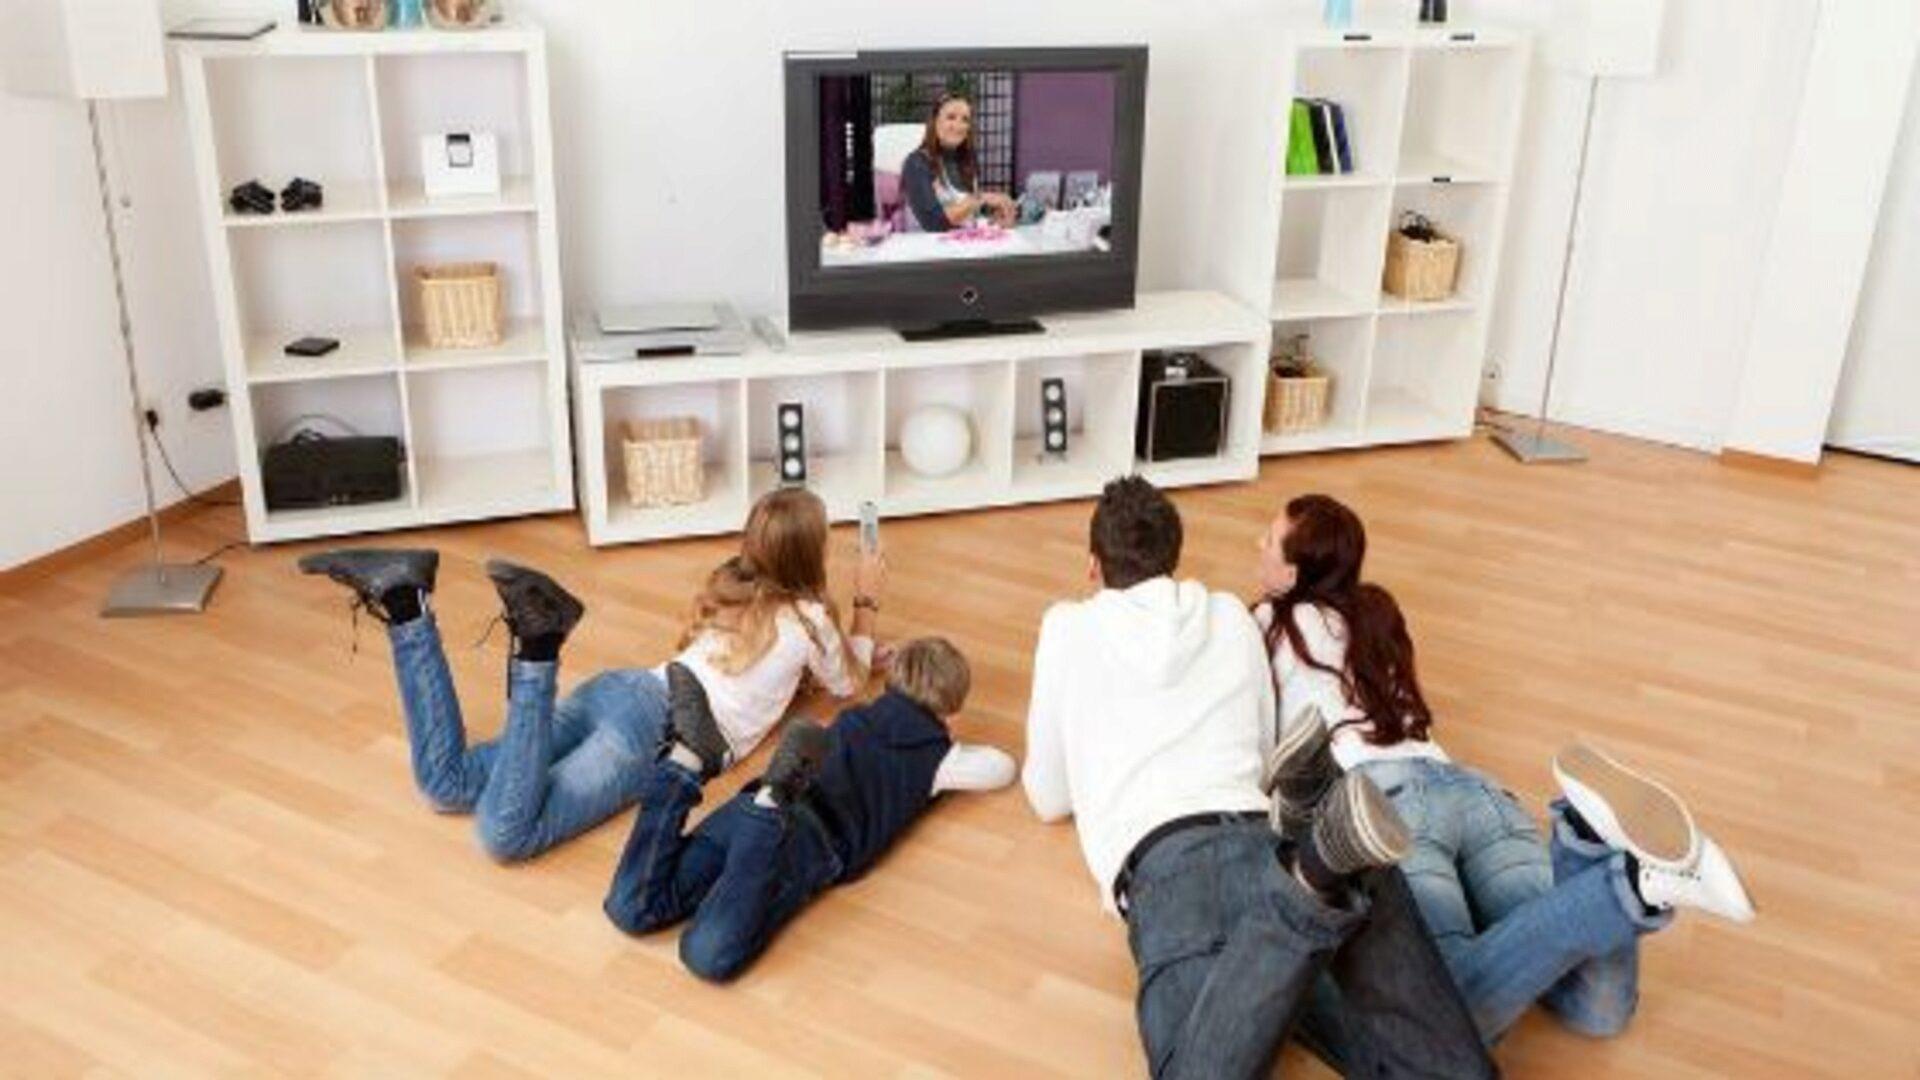 У телевизора собираются всей семьей